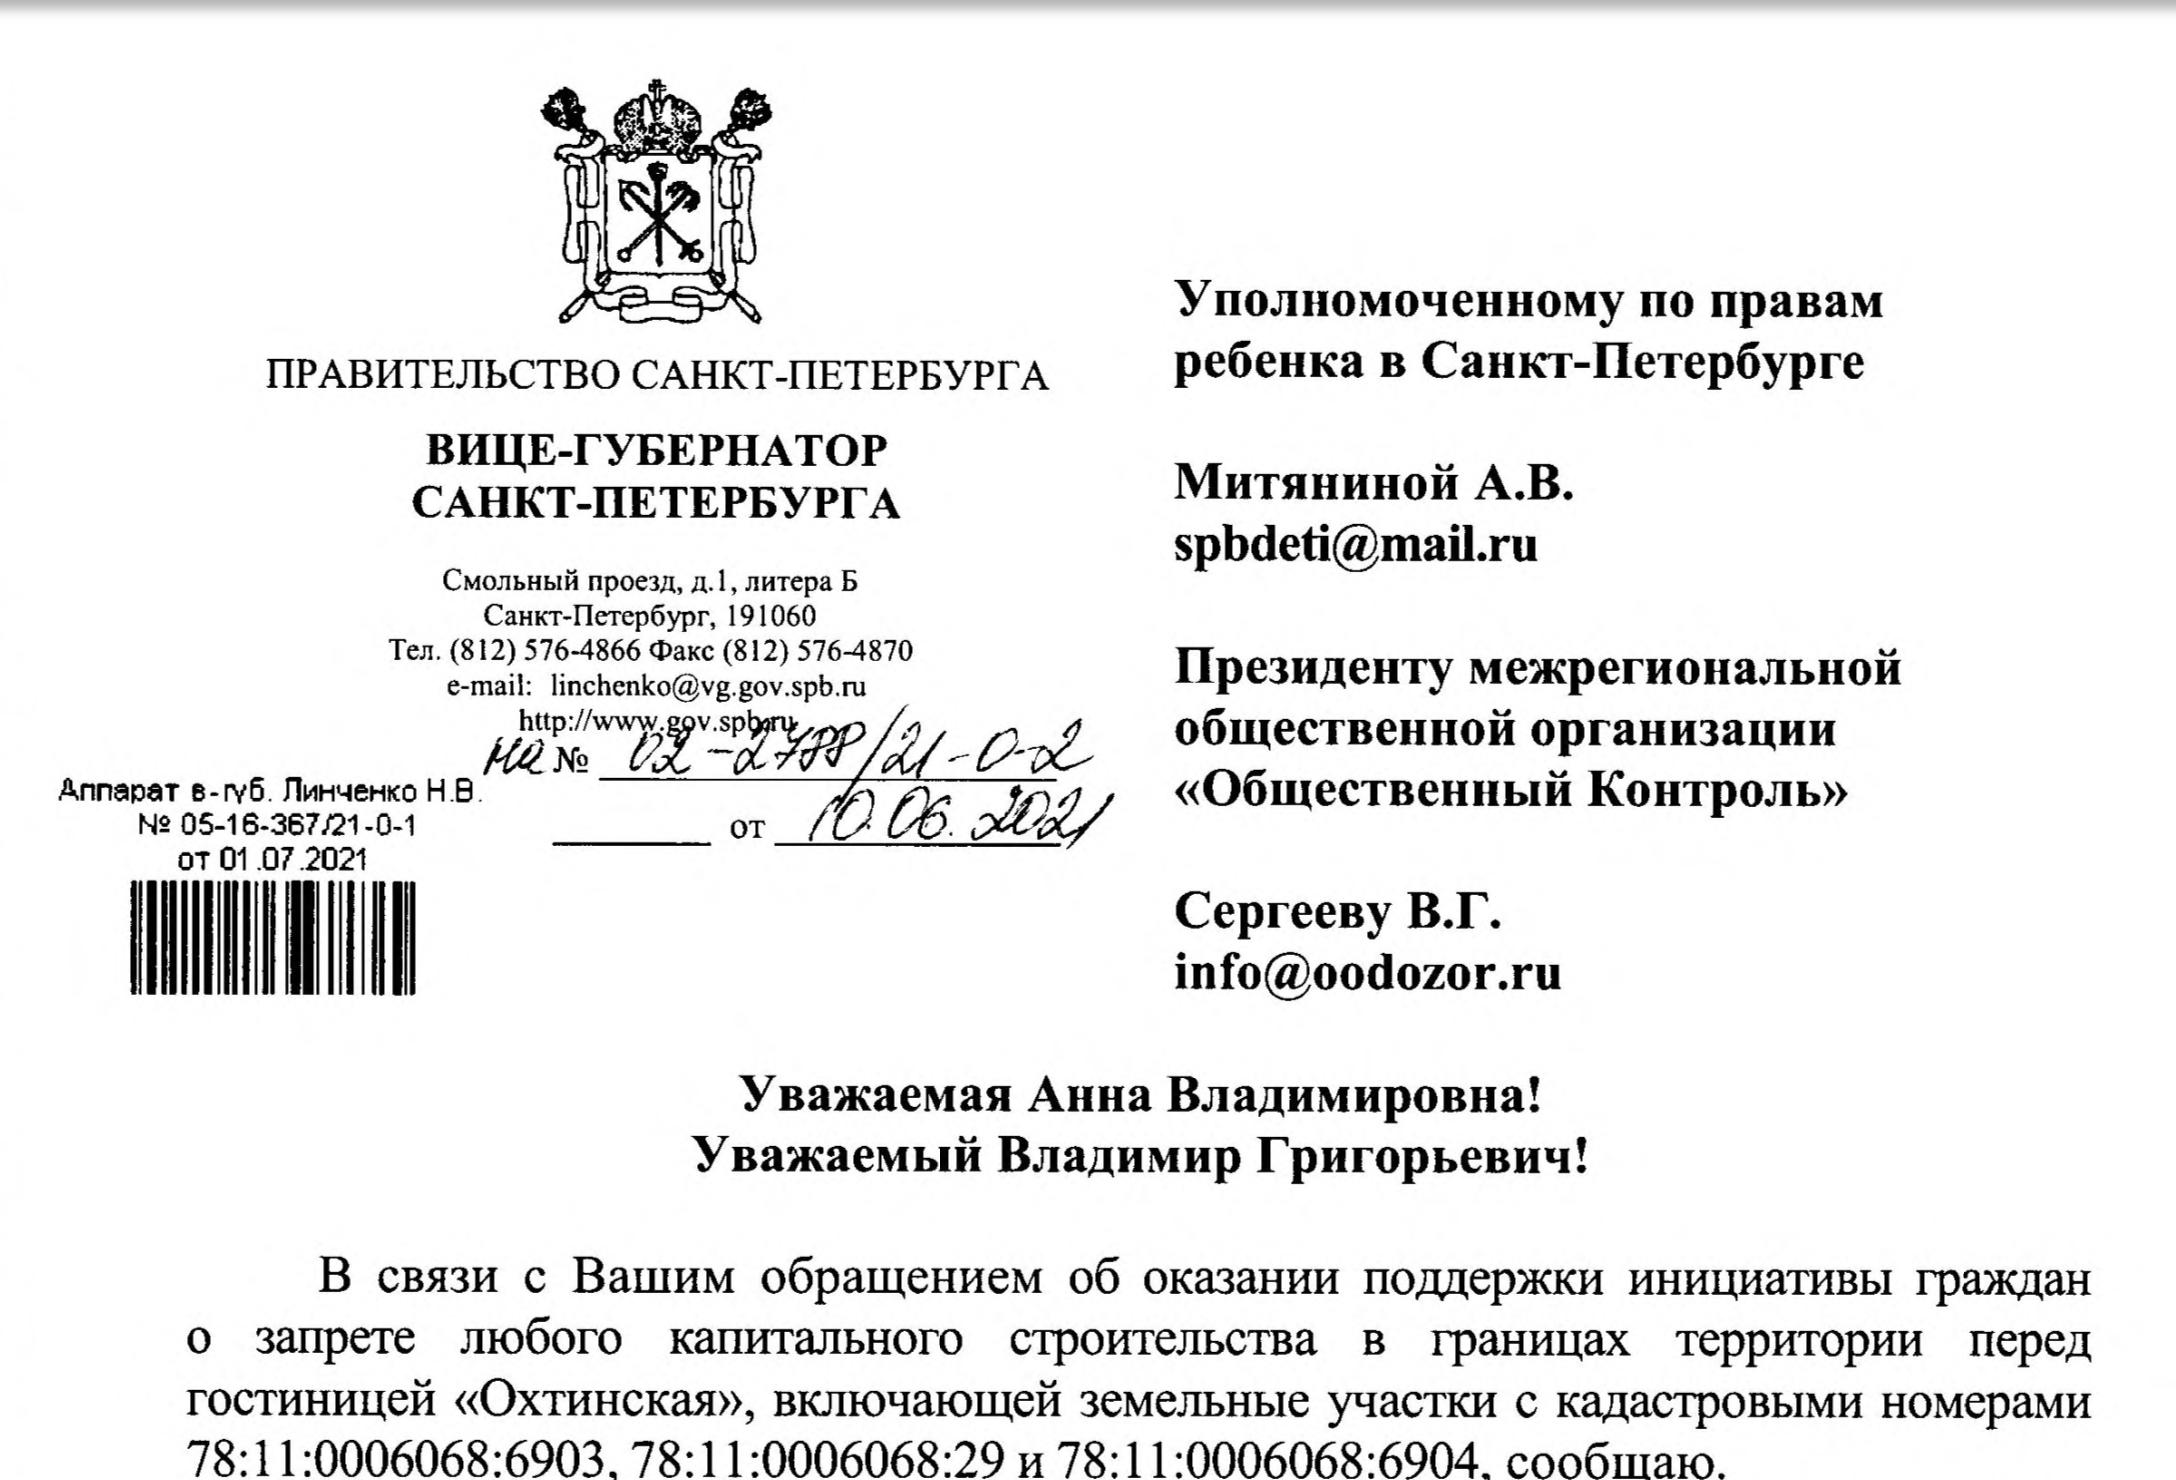 Ответ вице-губернатора Линченко Н.В. об оказании поддержки инициативы граждан о запрете любого капитального строительства в границах территории Охтинского мыса.